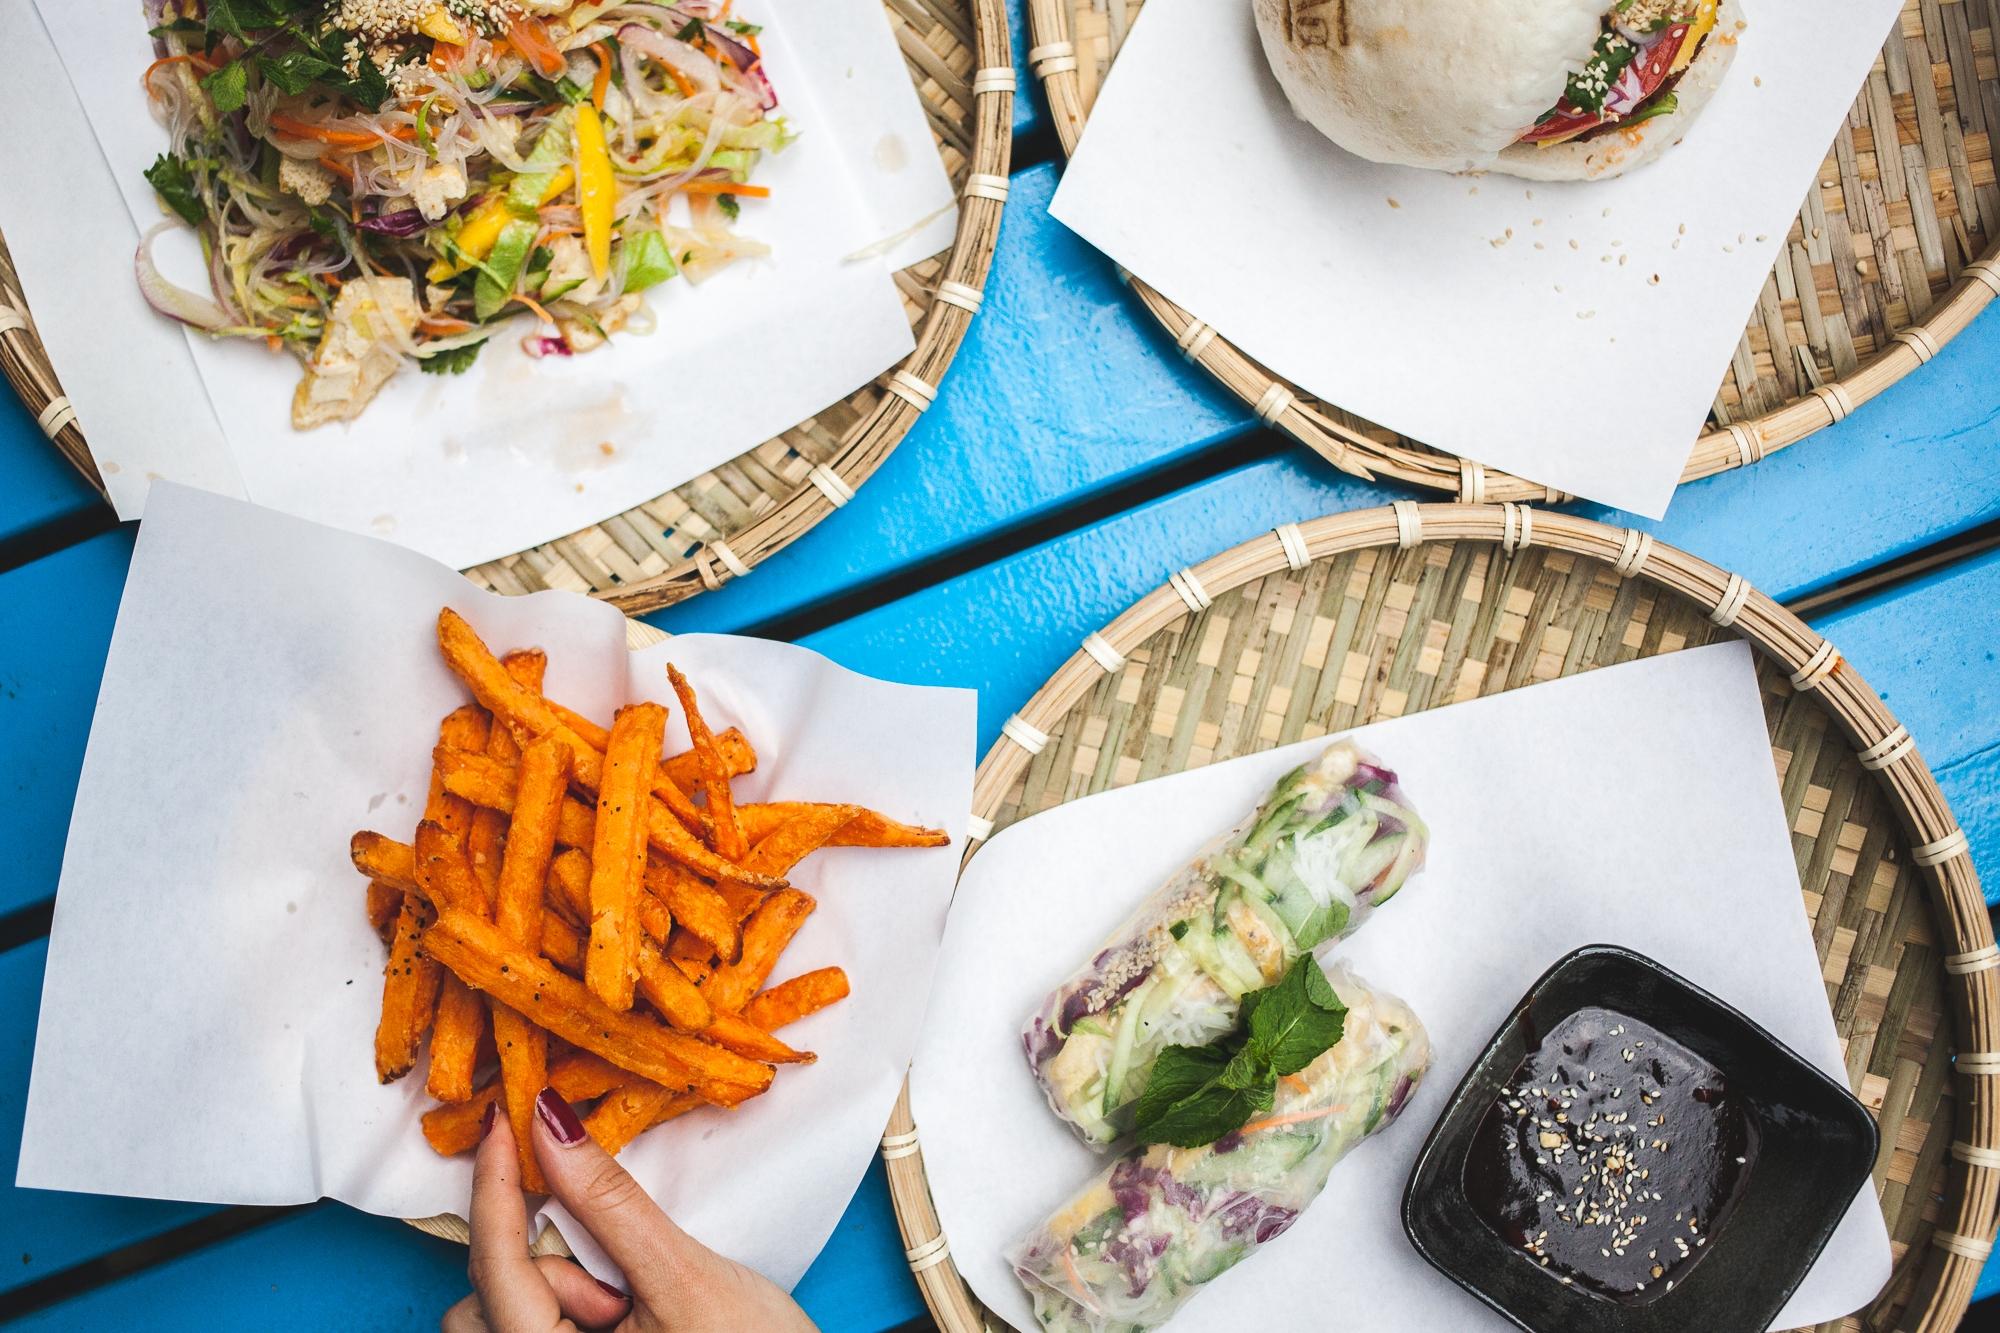 ZE.TT - Foodtrend-Analyse: Warum Restaurants Avocado und Quinoa von der Speisekarte streichen